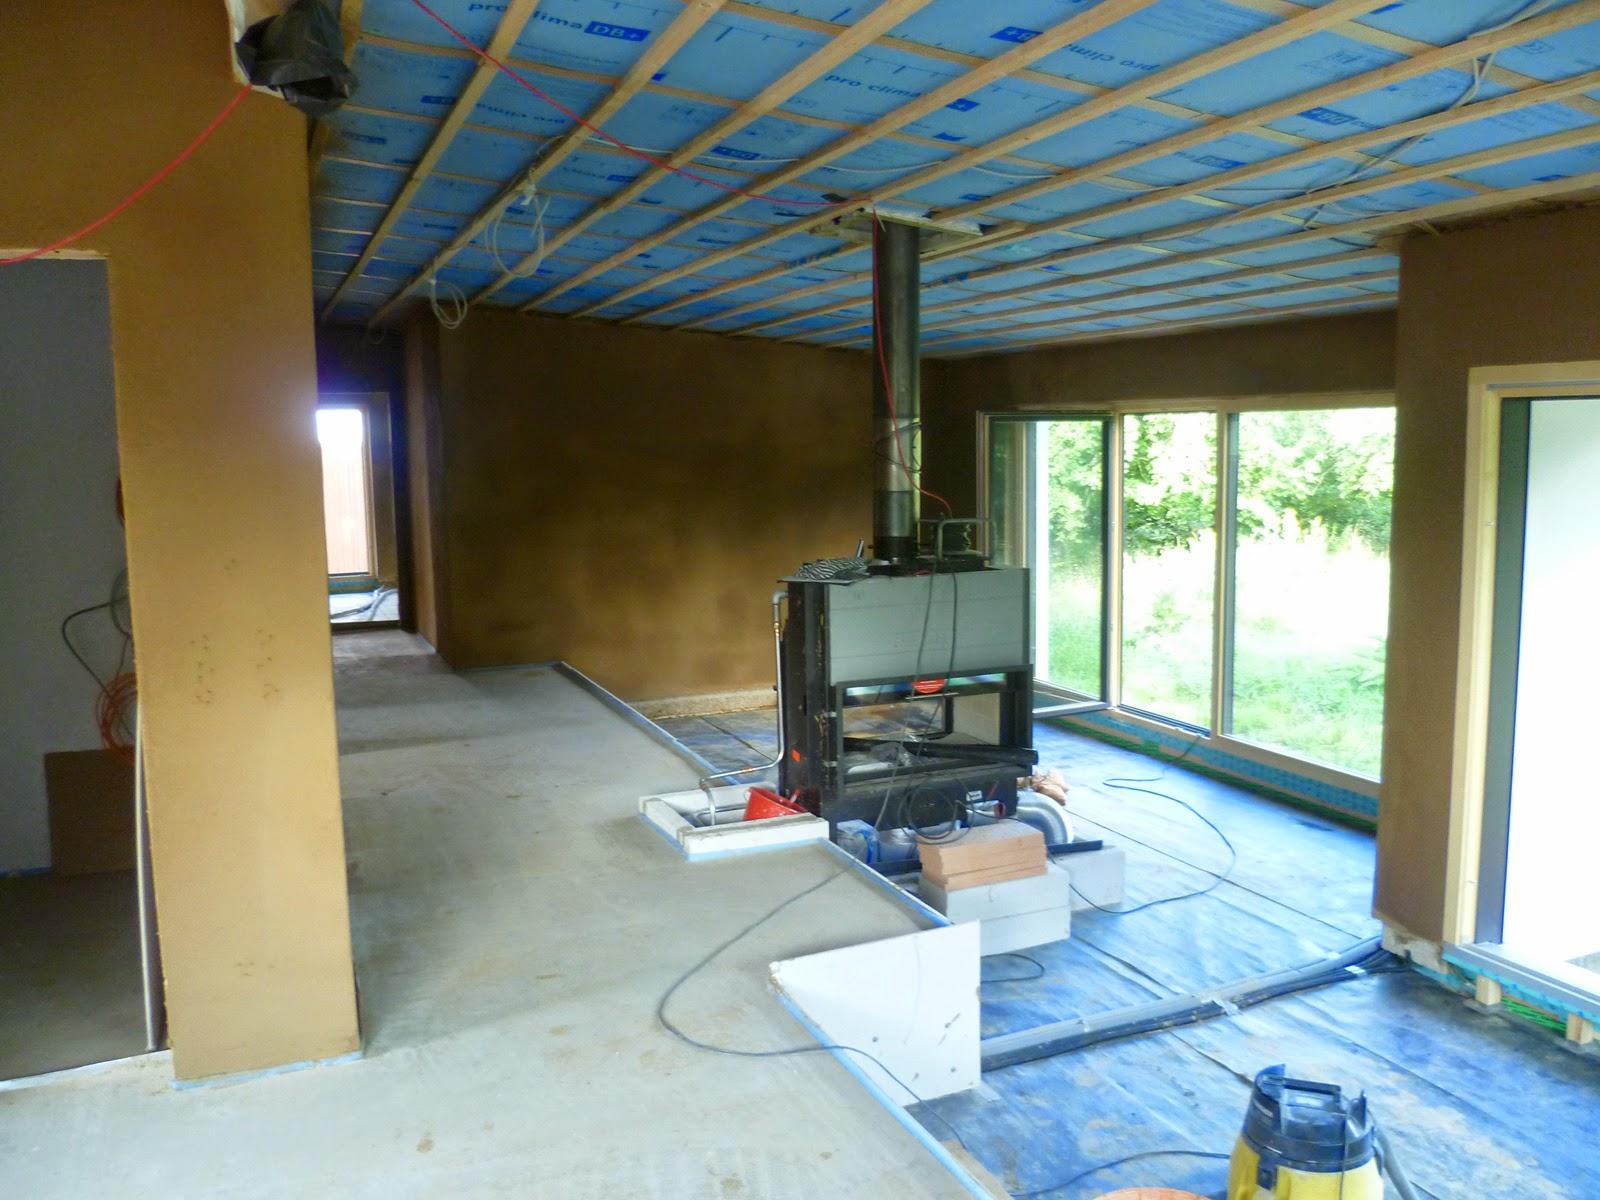 zama baut ze koppnbo oder was wirdn des lehmputz fein mit flachs. Black Bedroom Furniture Sets. Home Design Ideas